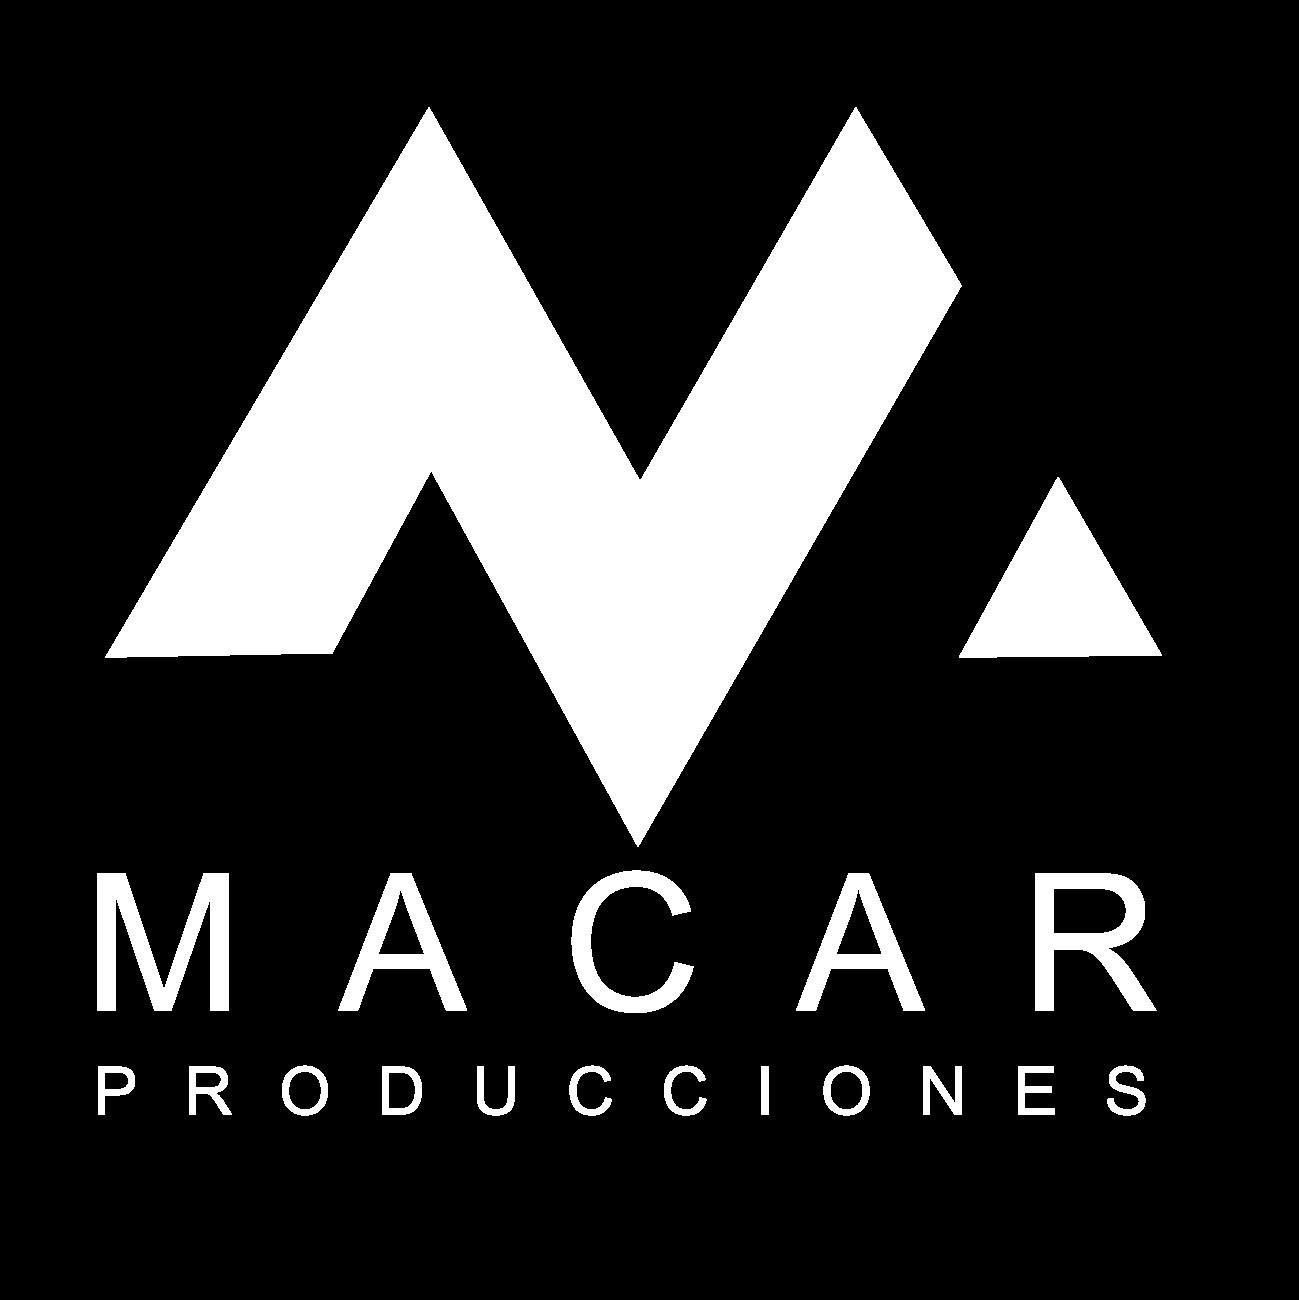 Macar Producciones